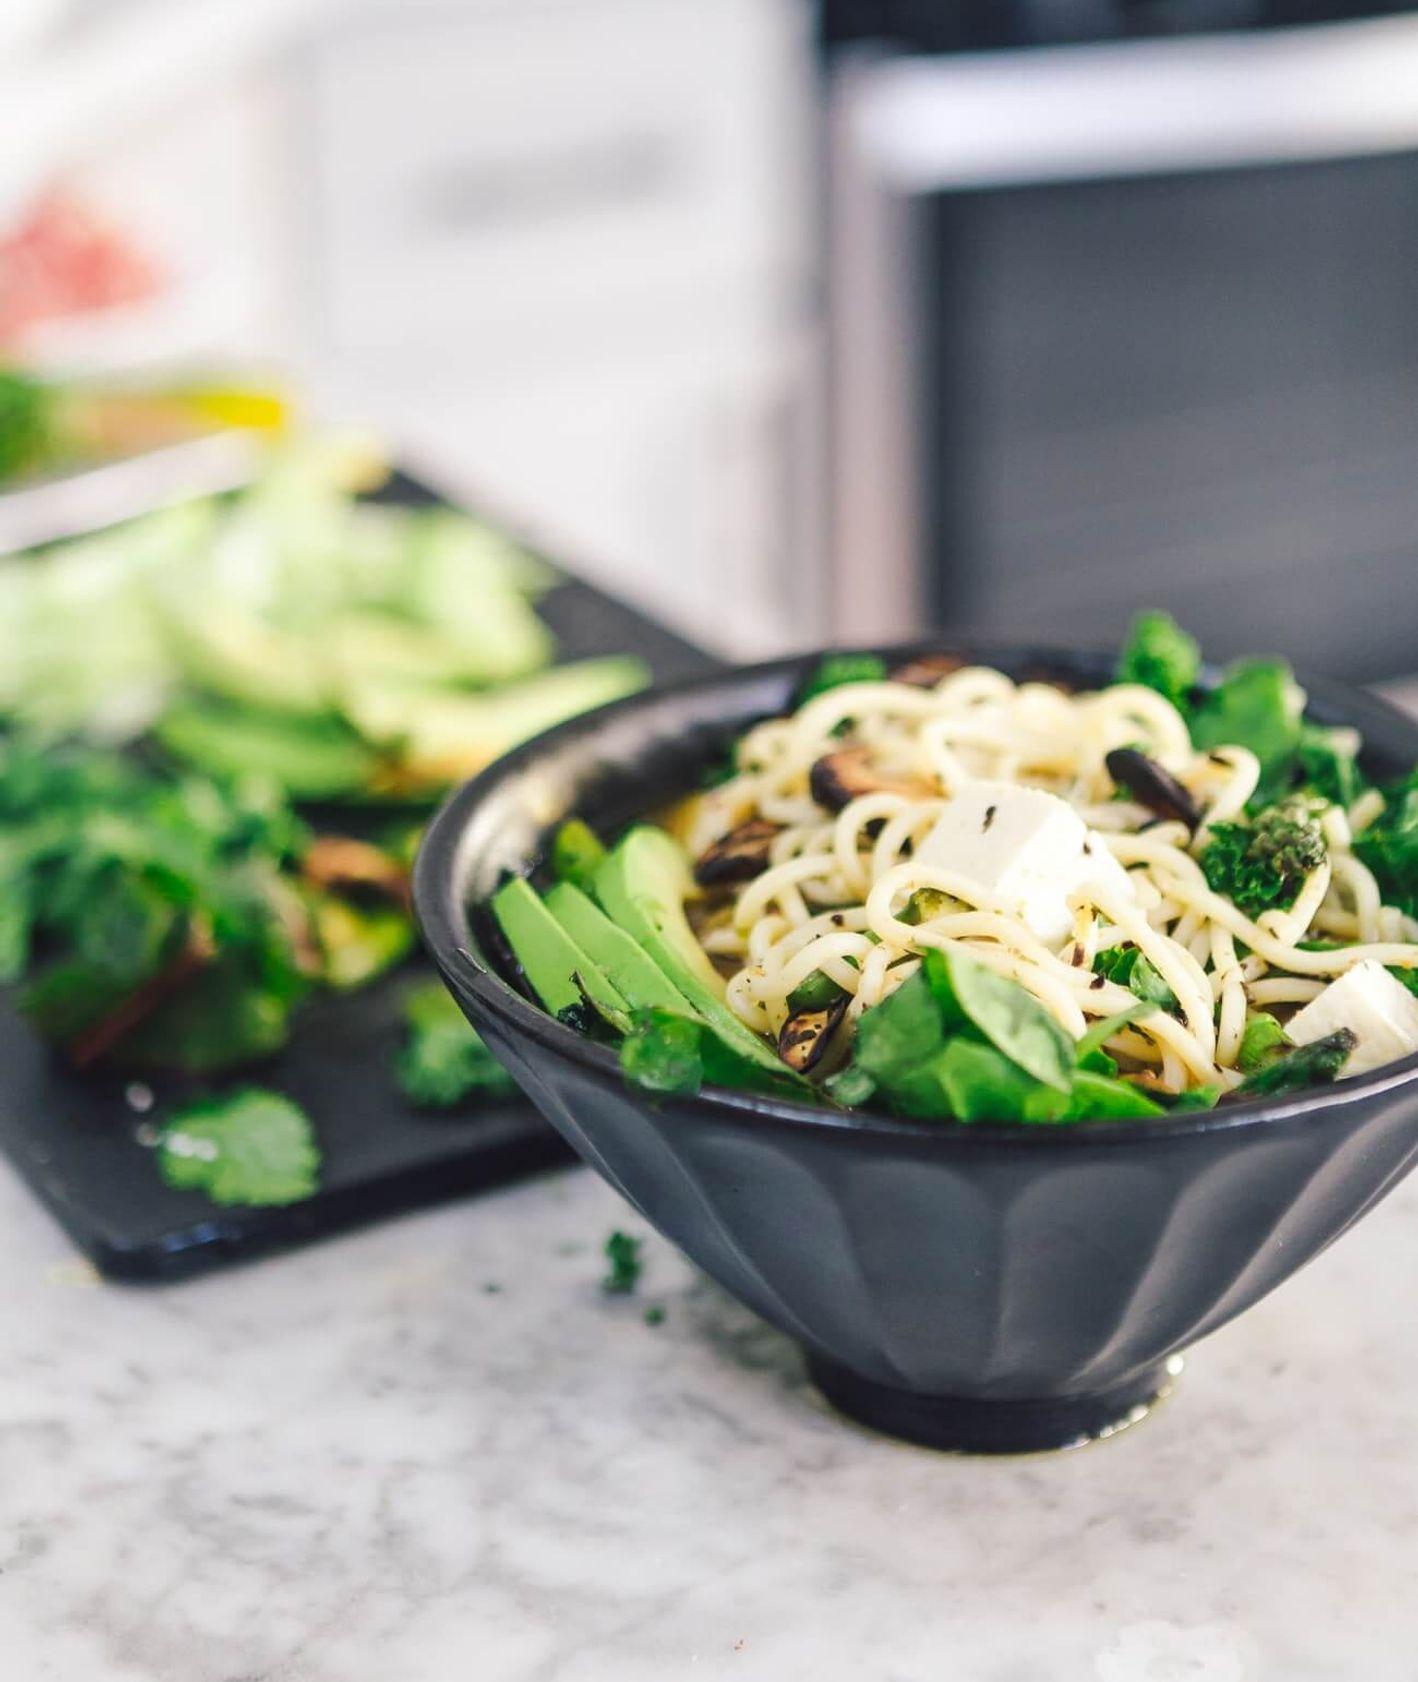 azjatyckie jedzenie The Creative Exchange / Unsplash.com